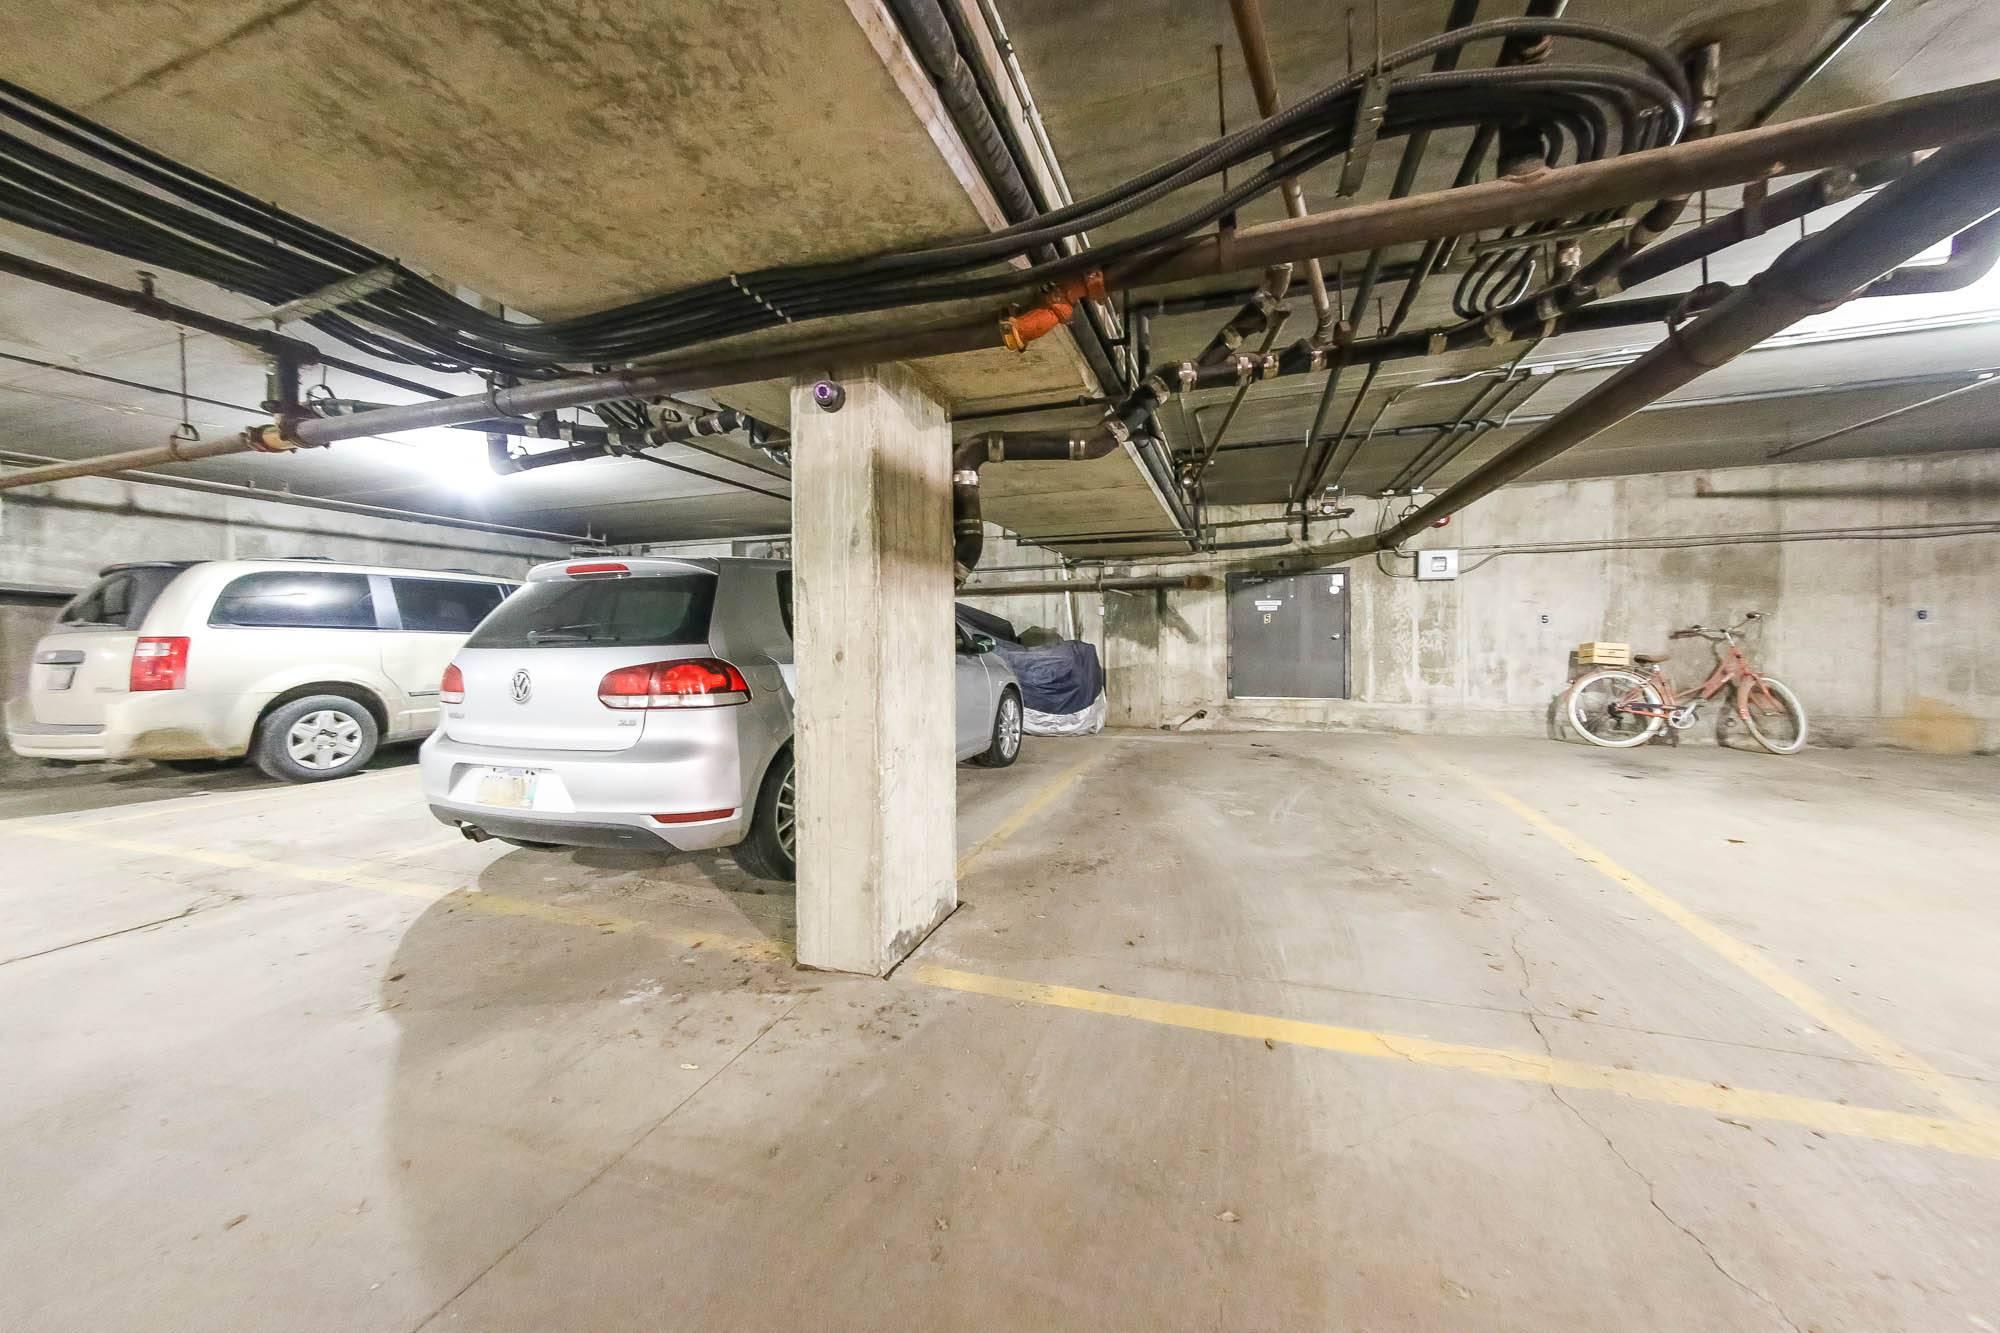 119-70 Maryland St, Winnipeg, Manitoba  R3G 1K7 - Photo 21 - 1929411